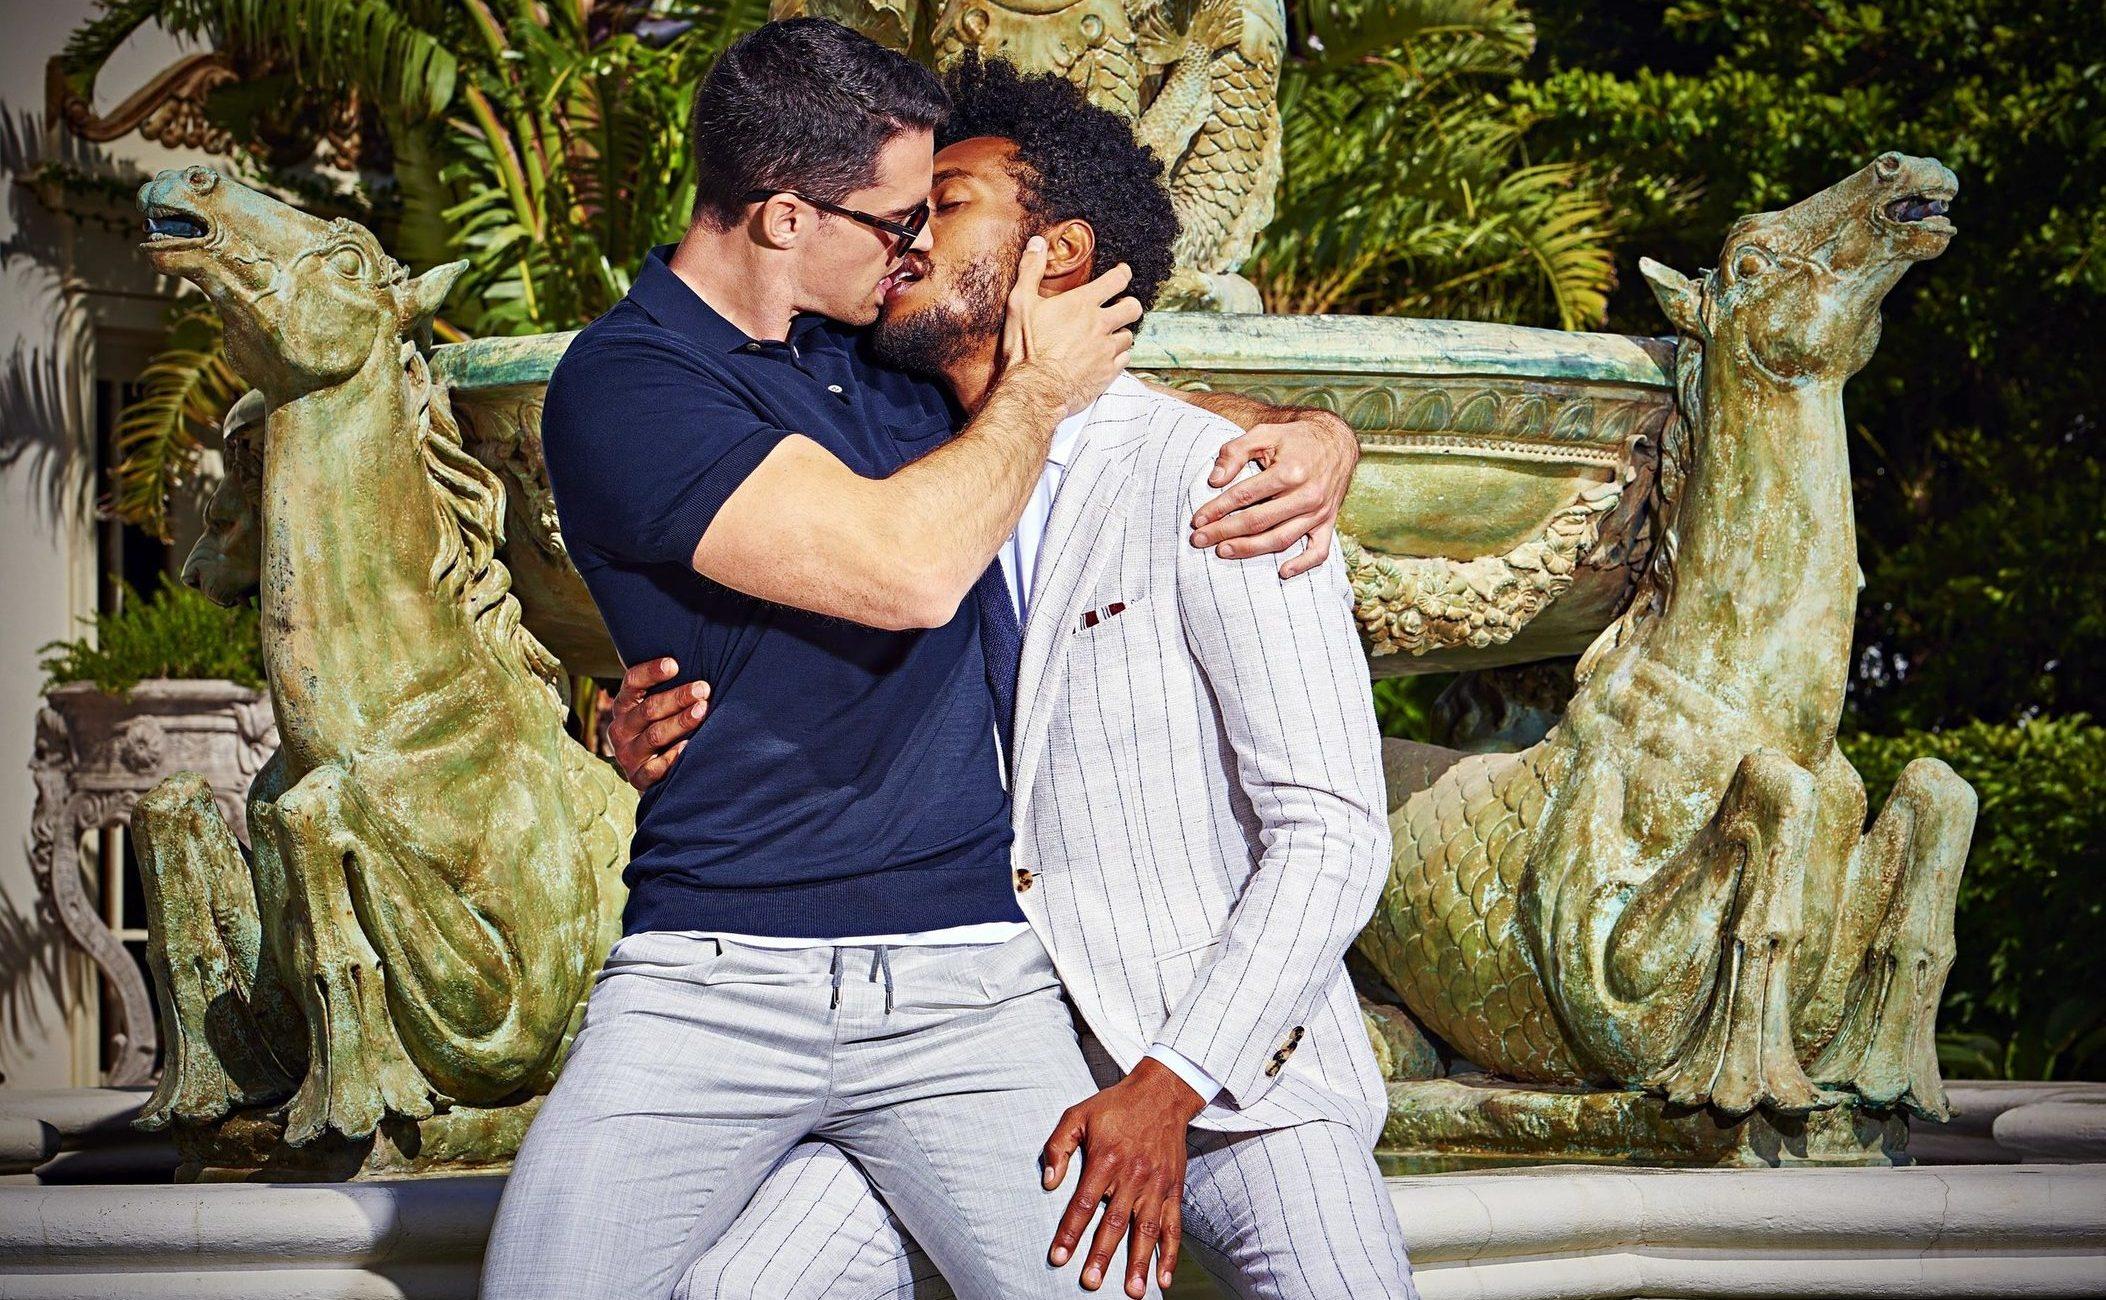 Erkek Takım Elbise Markasının Eşcinsel Reklam Kampanyası Olay Oldu!